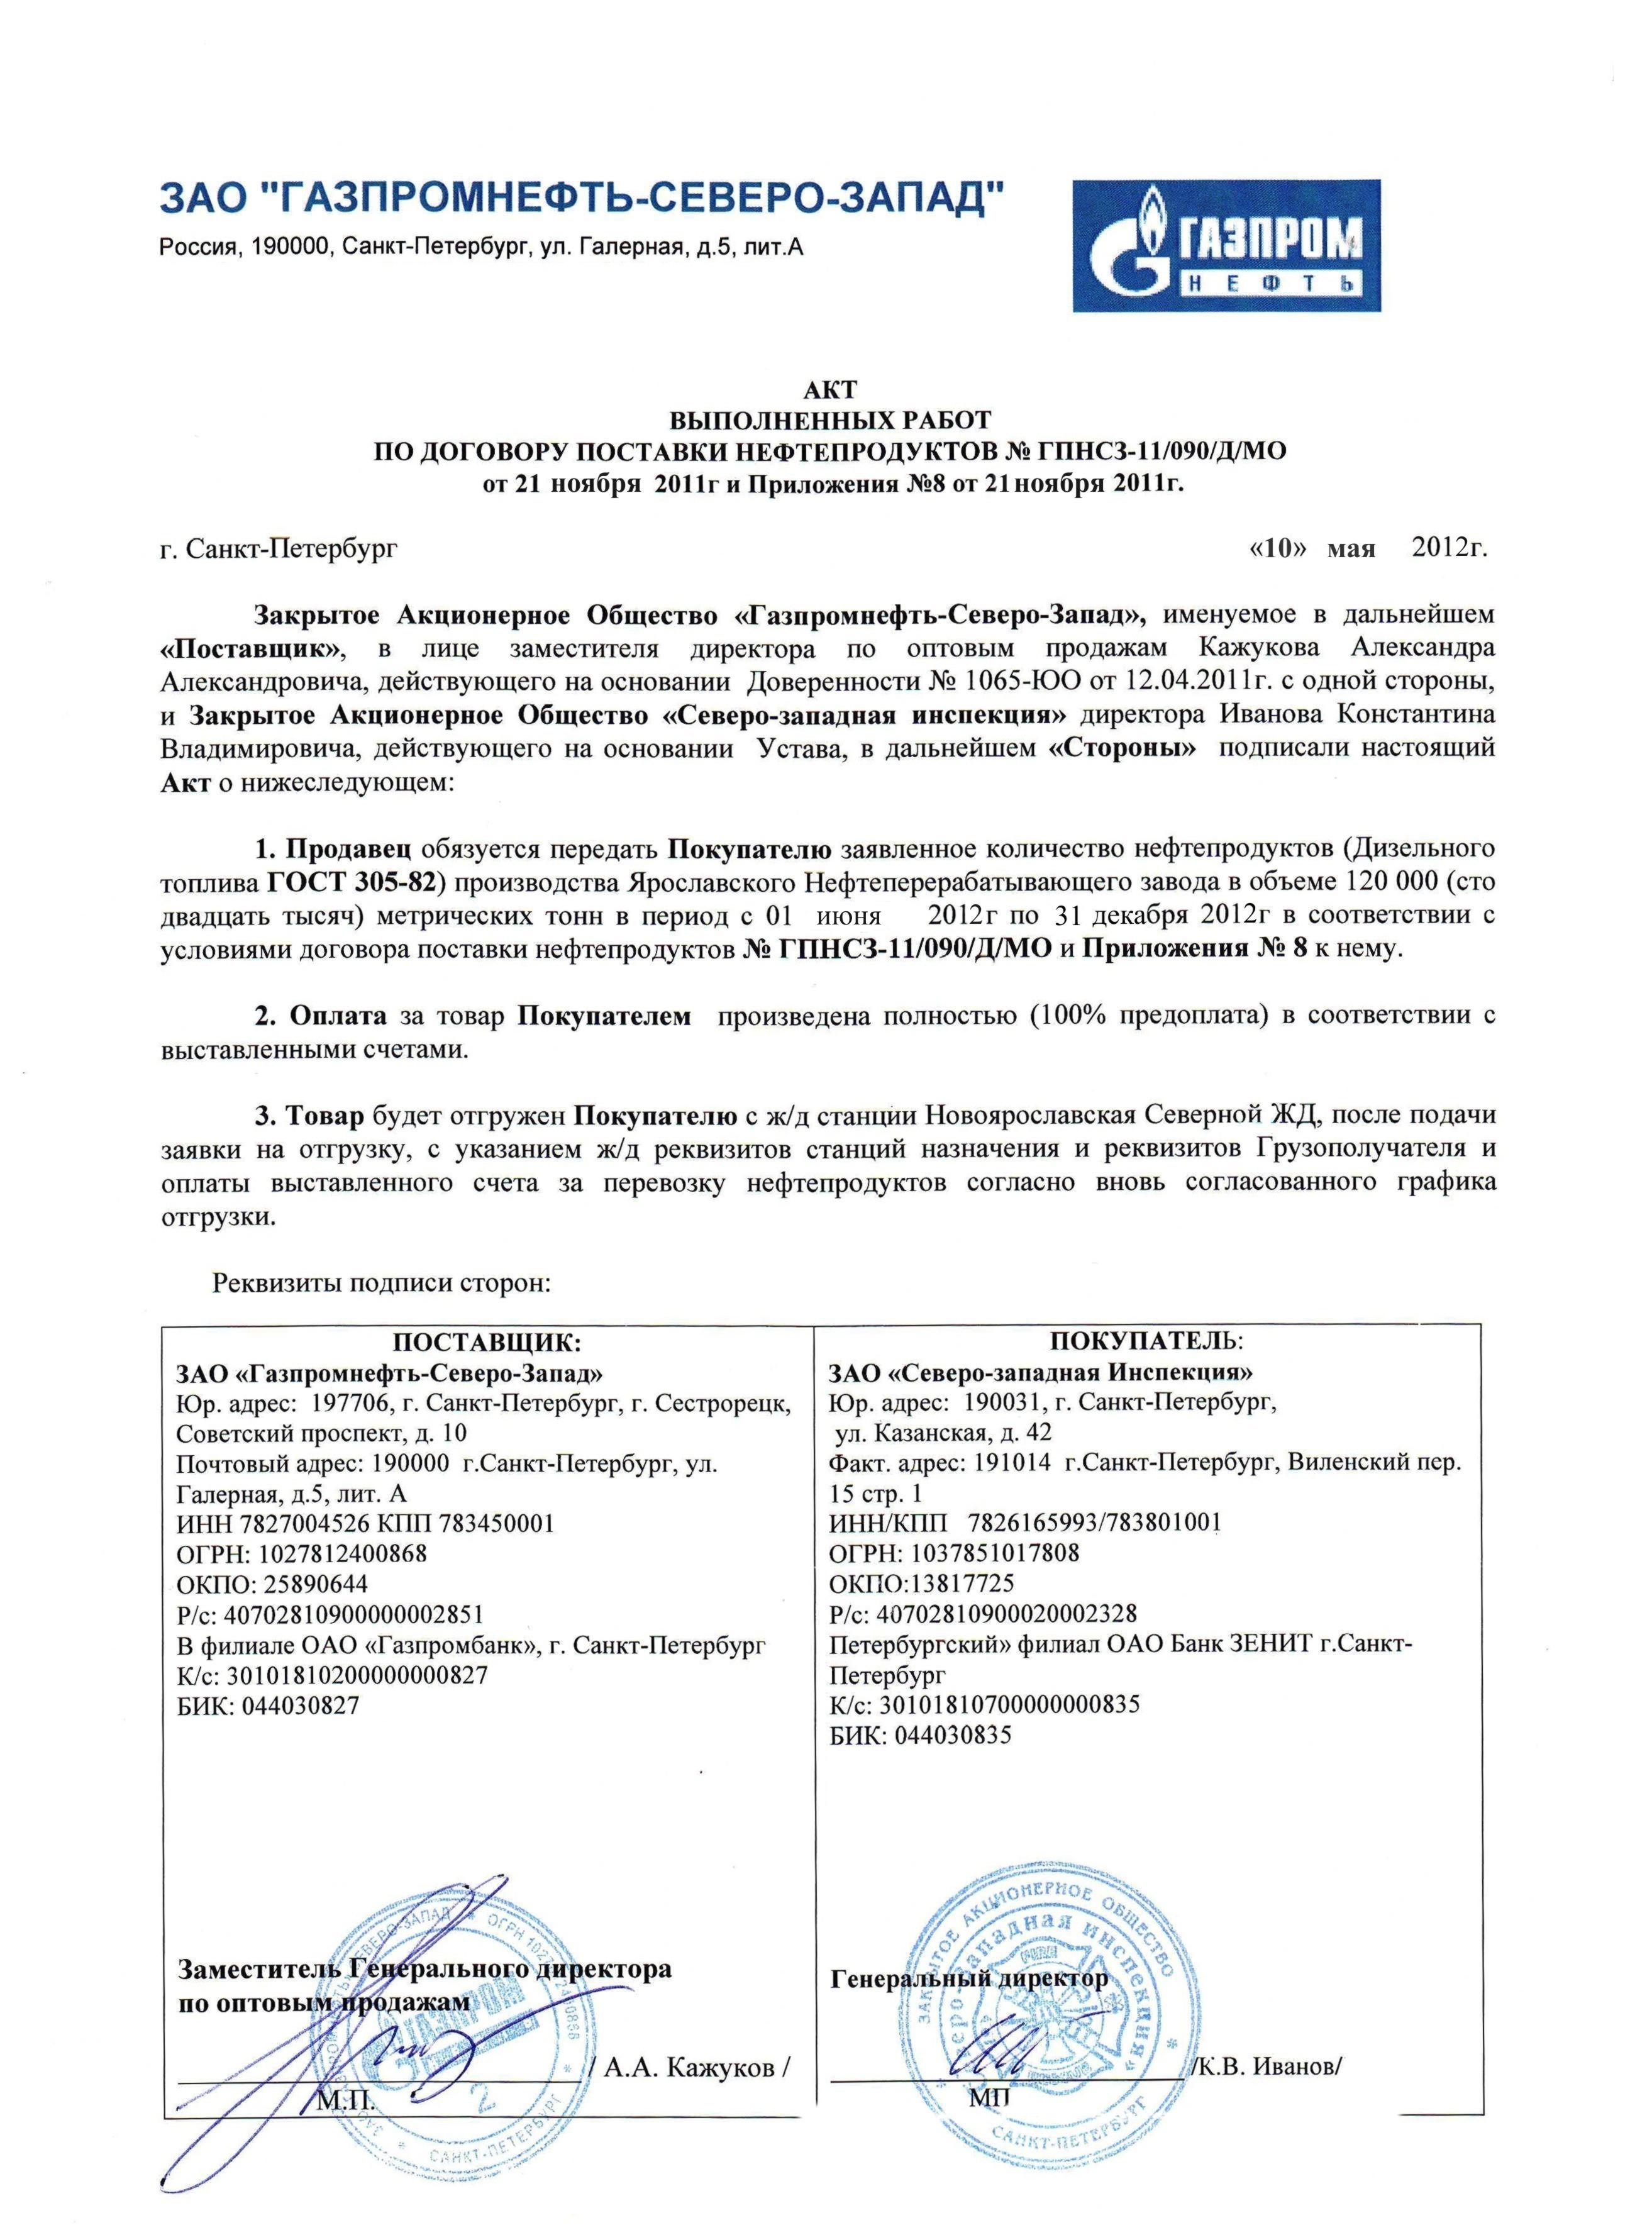 Акт выполненных работ образец по грузоперевозкам